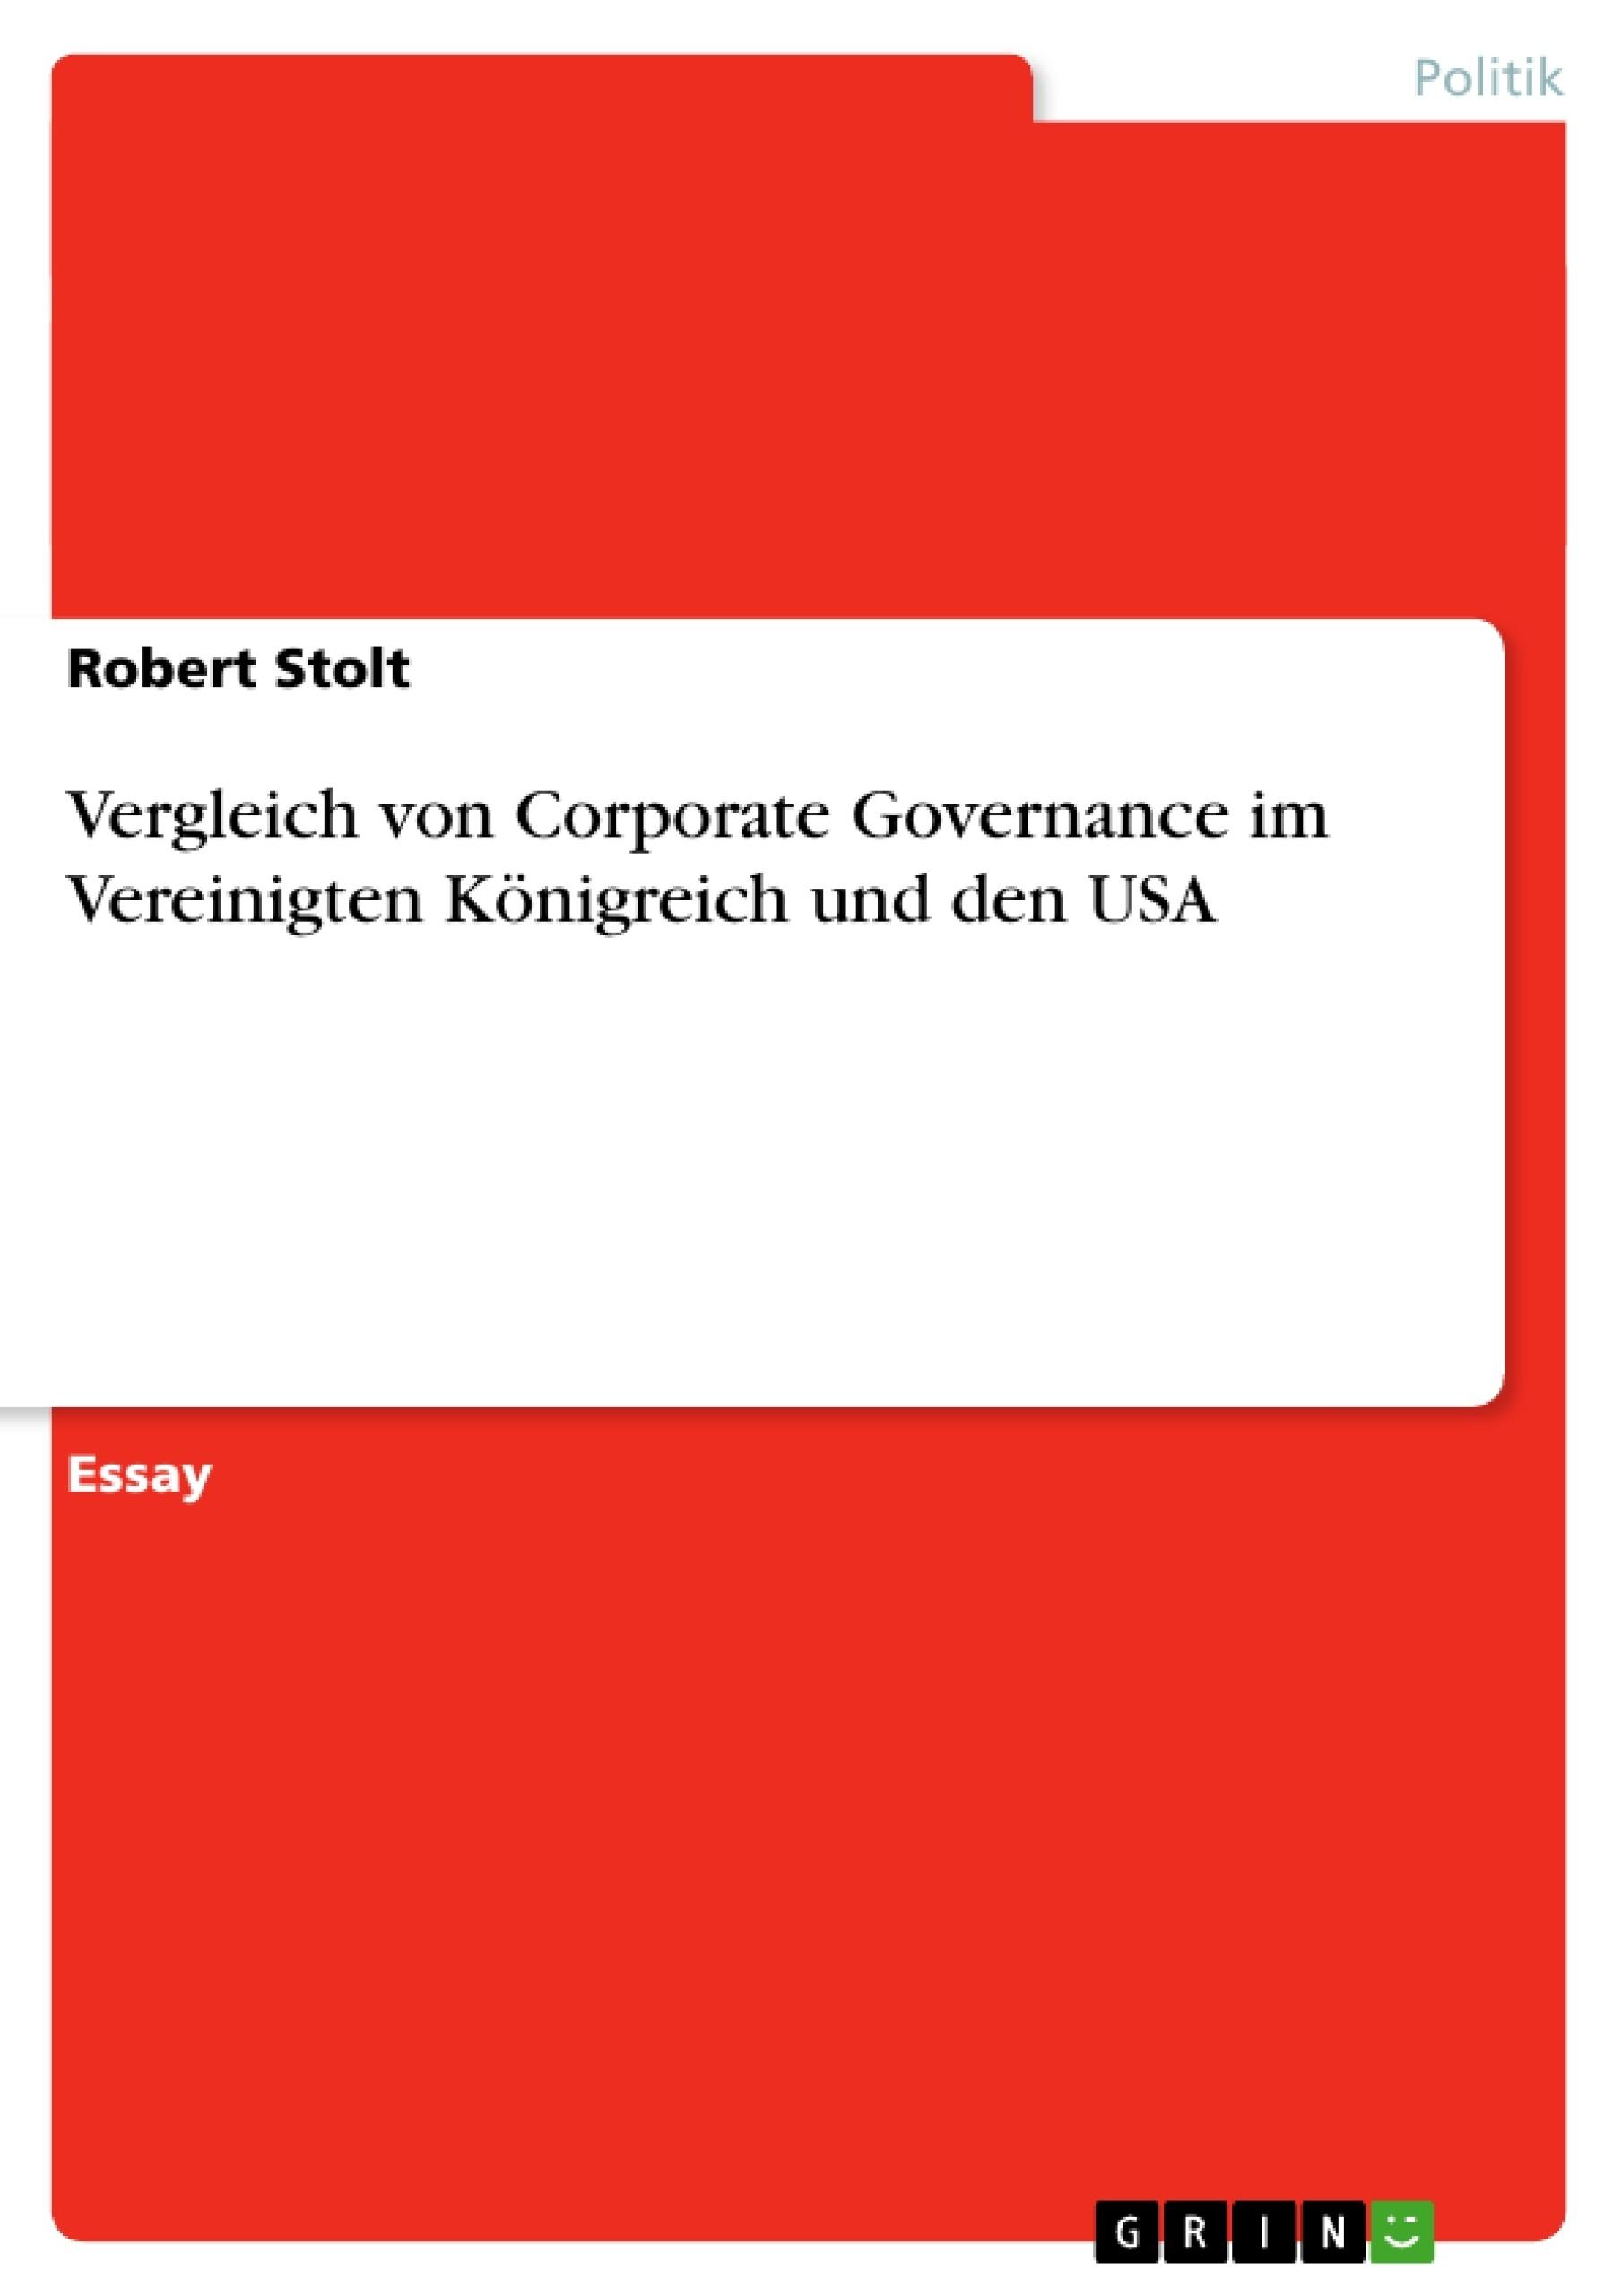 Titel: Vergleich von Corporate Governance im Vereinigten Königreich und den USA